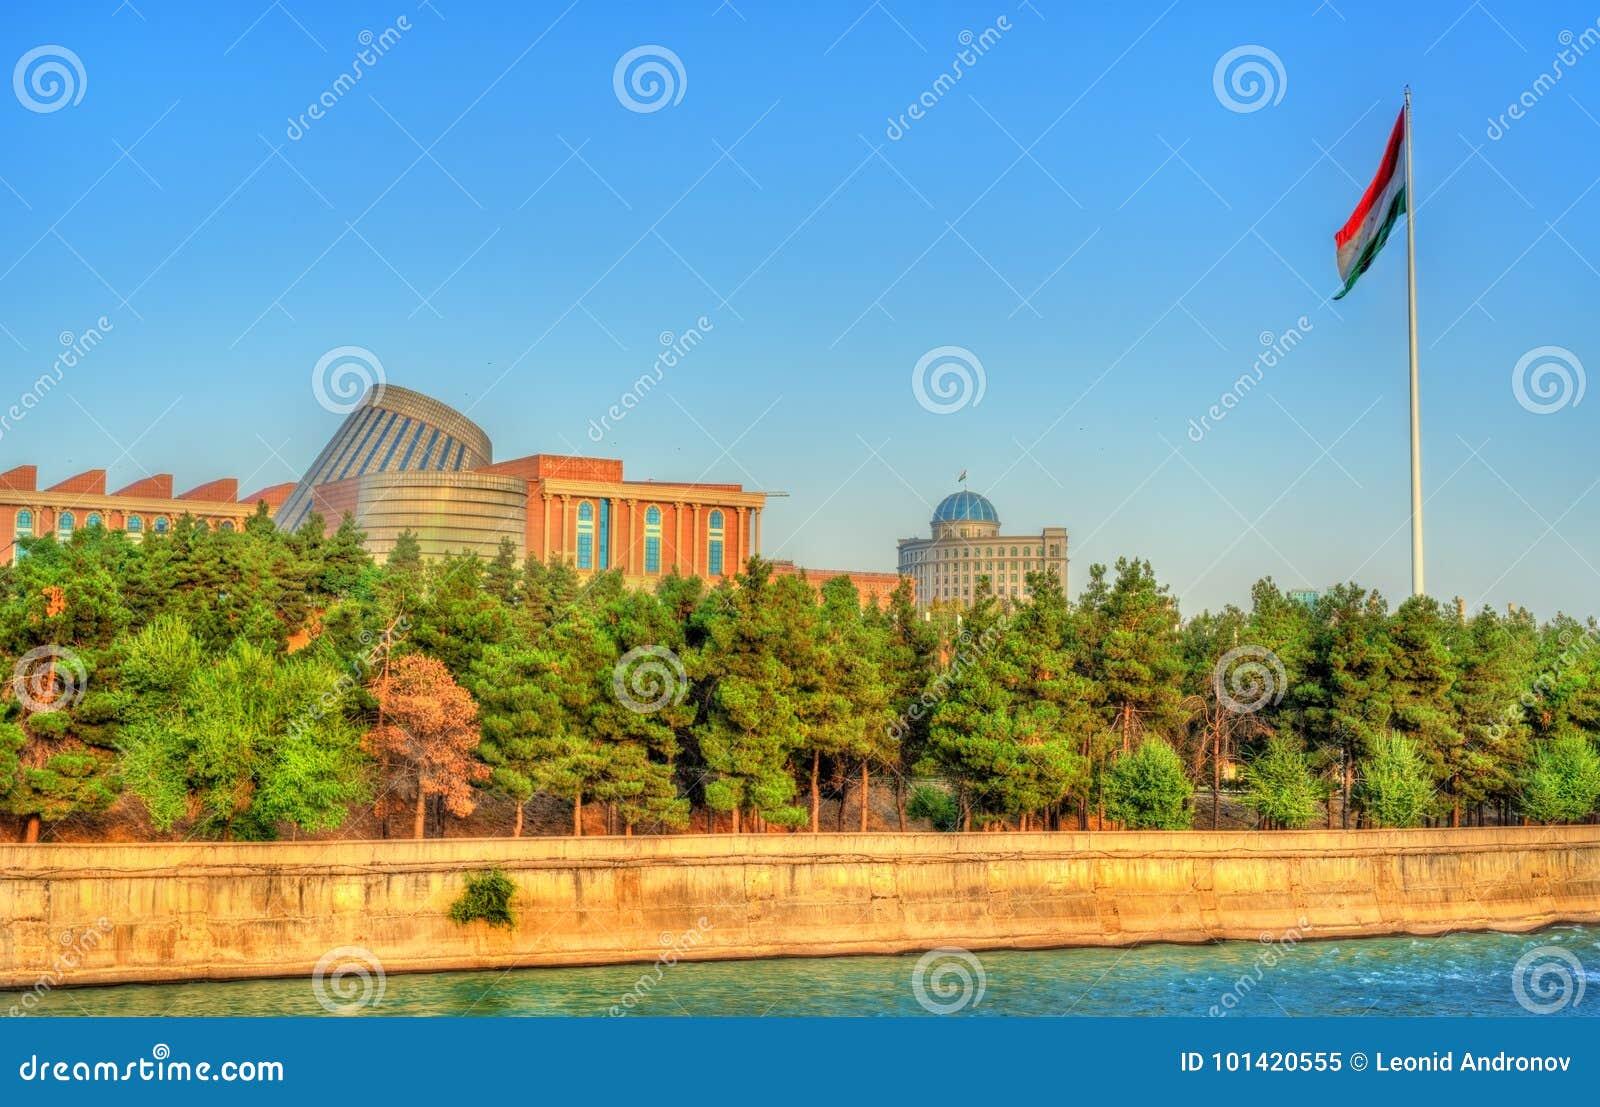 Vue de Dushanbe avec la rivière de Varzob et le mât de drapeau Le Tadjikistan, l Asie centrale